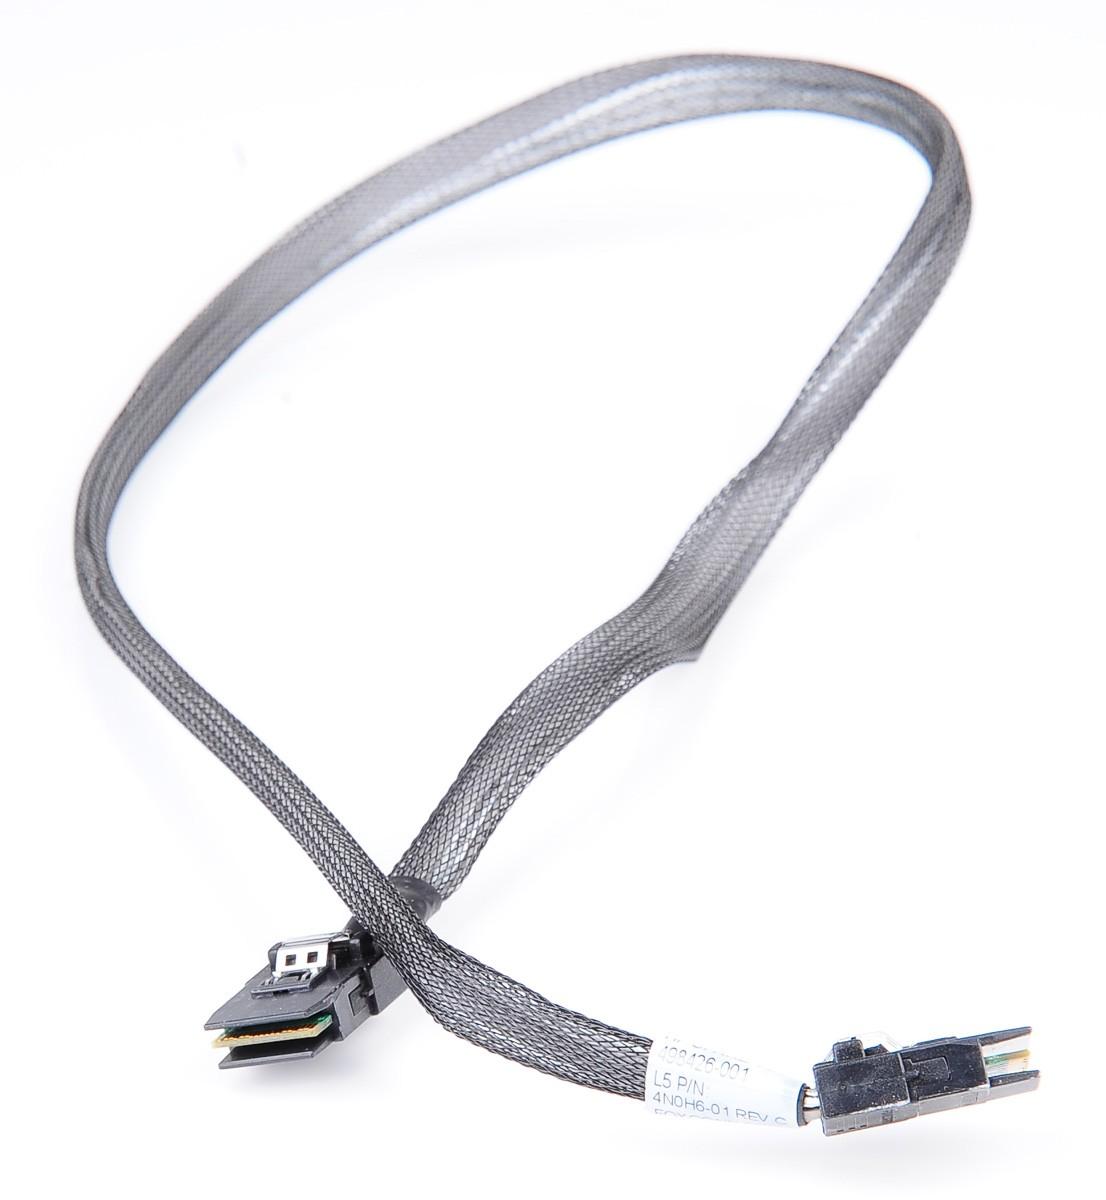 Hp Mini Sas Backplane Kabel Cable Dl380 G6 G7 Dl580 Dl585